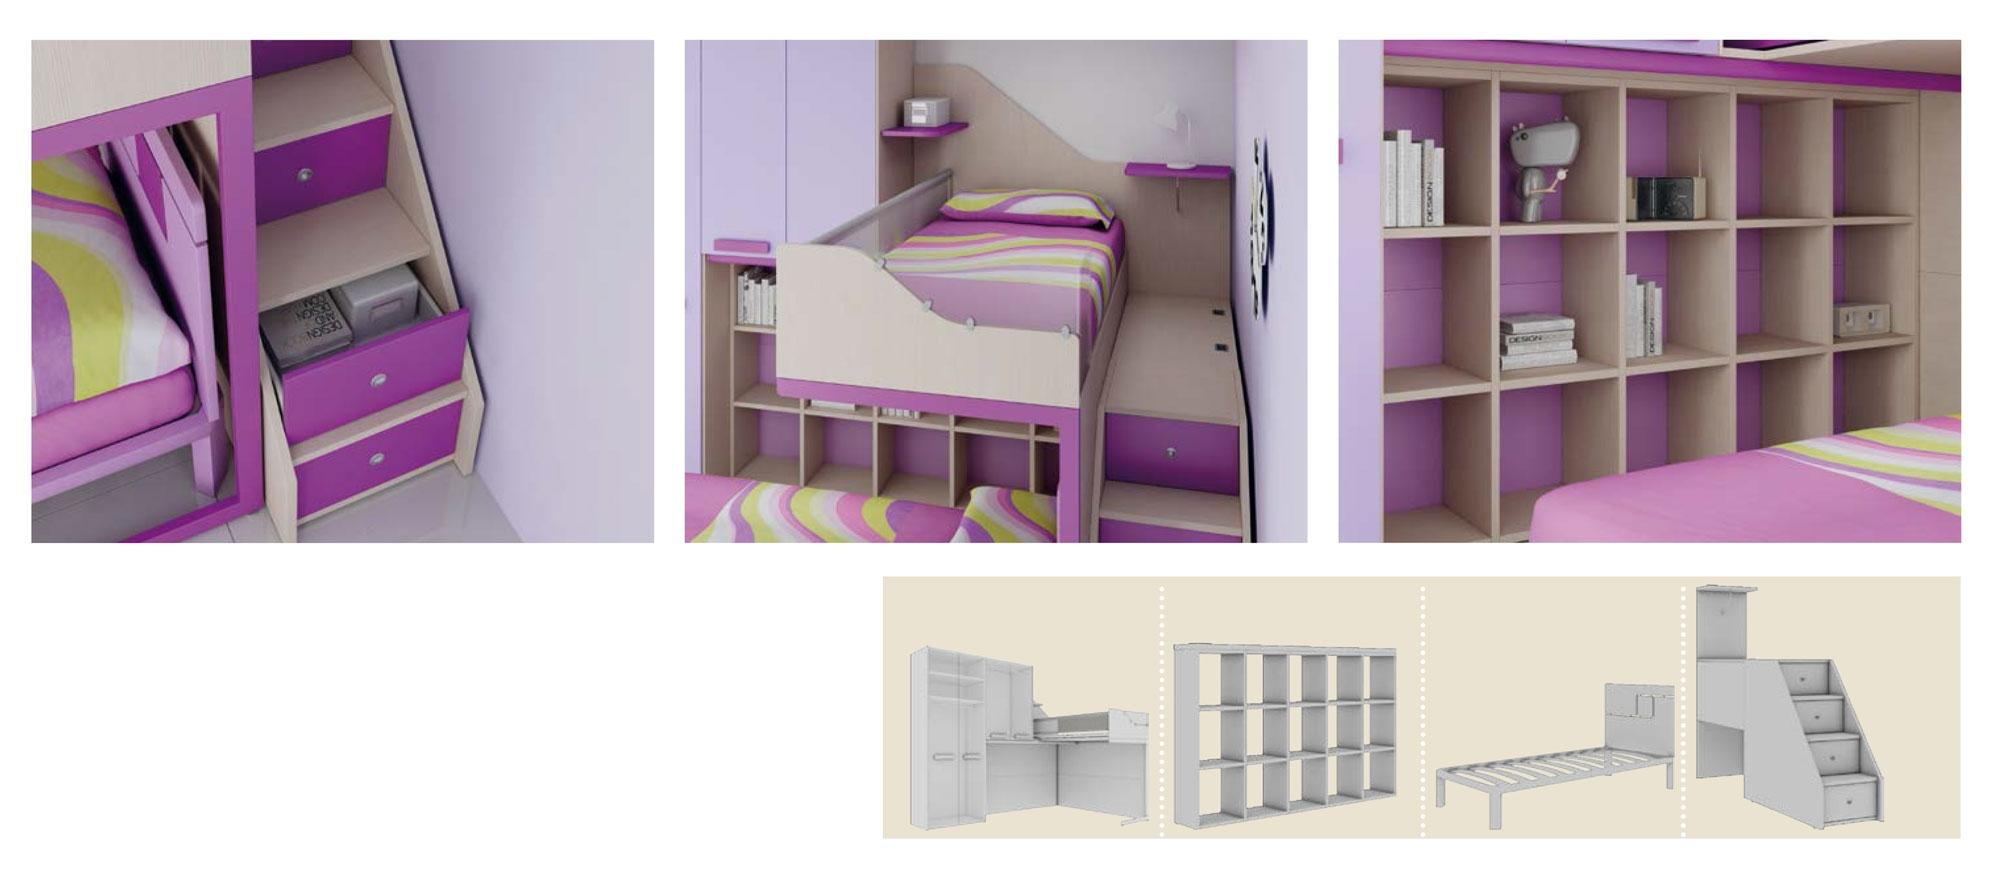 Chambre enfant avec lits superpos s sympa moretti compact so nuit - Lit mezzanine compact ...